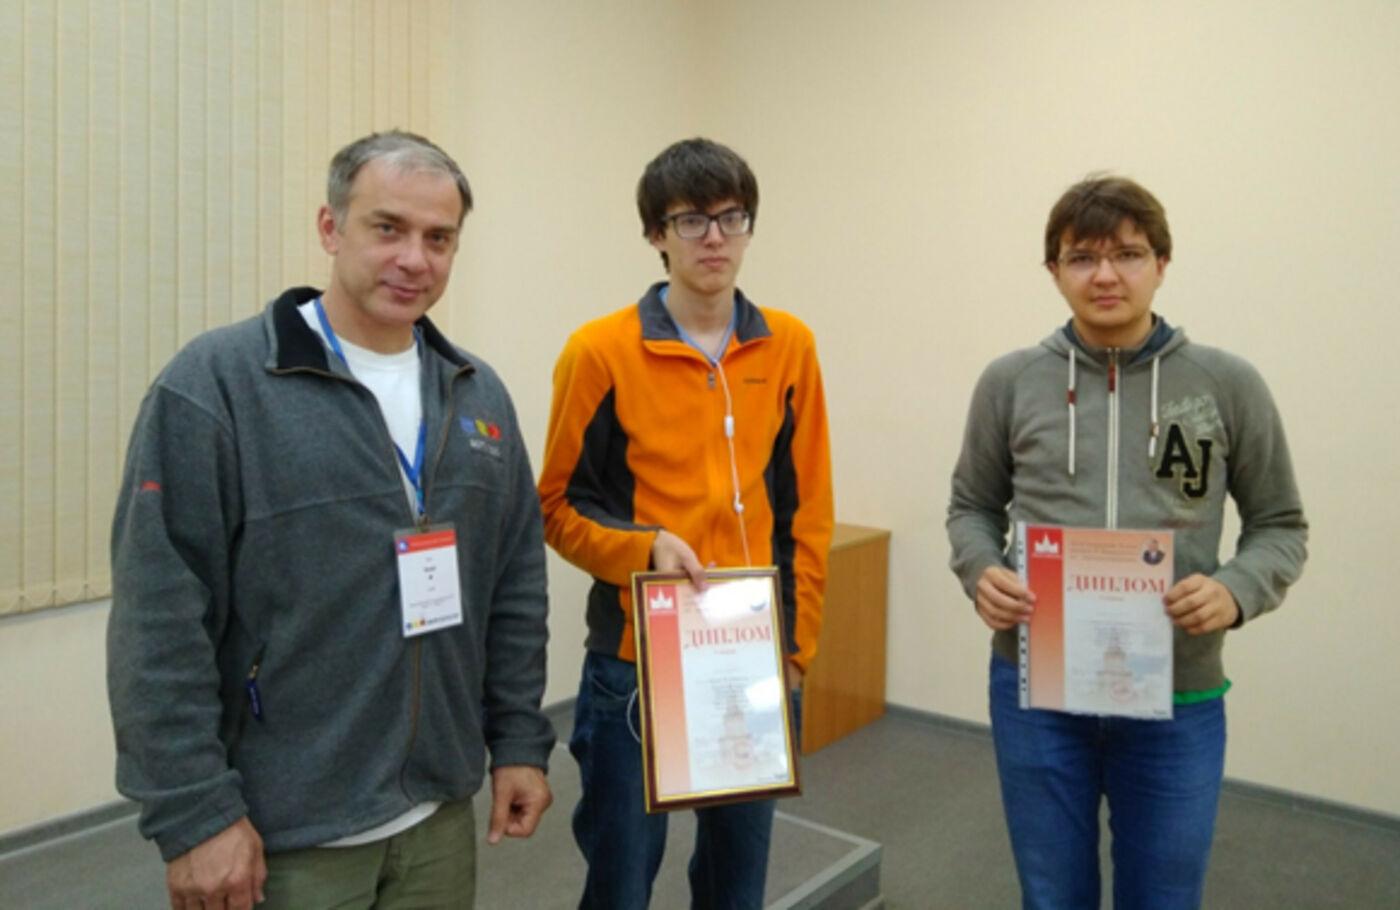 Успехи выпускников СУНЦ МГУ в спортивном программировании